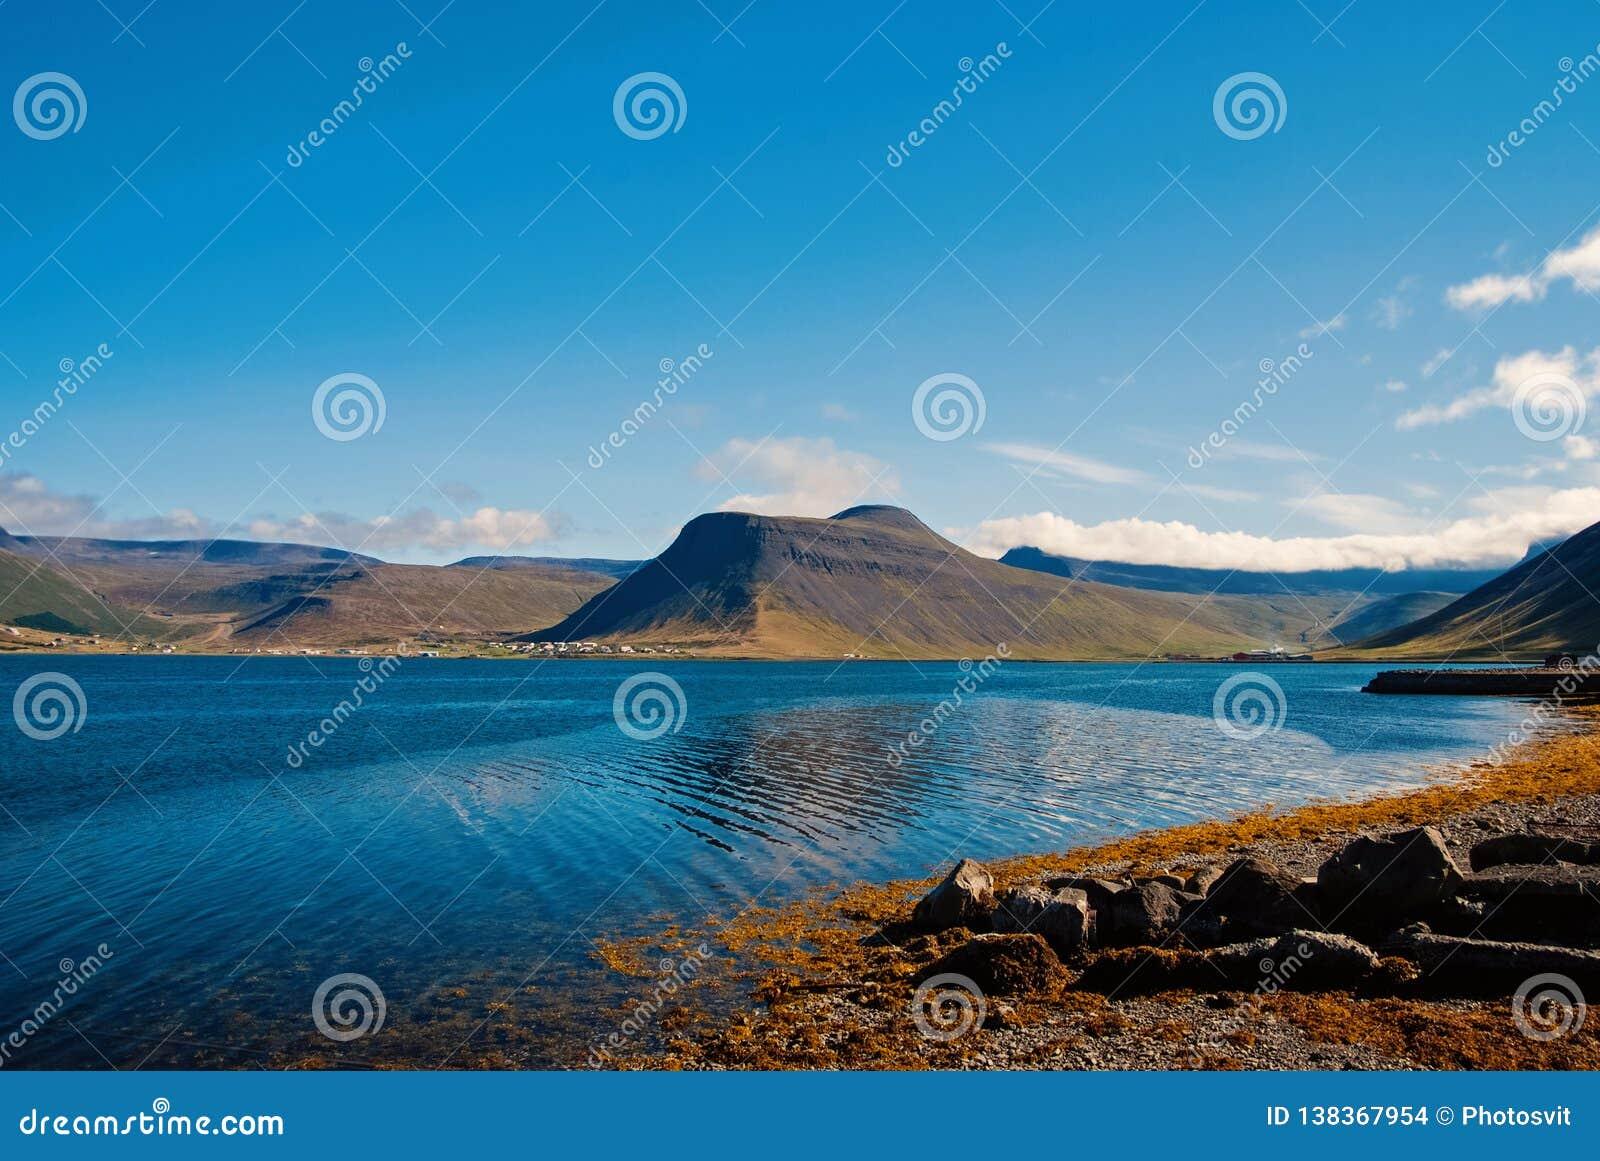 Sommerferien im isafjordur, Island Hügelige Küstenlinie auf sonnigem blauem Himmel Berglandschaft gesehen vom Meer discover